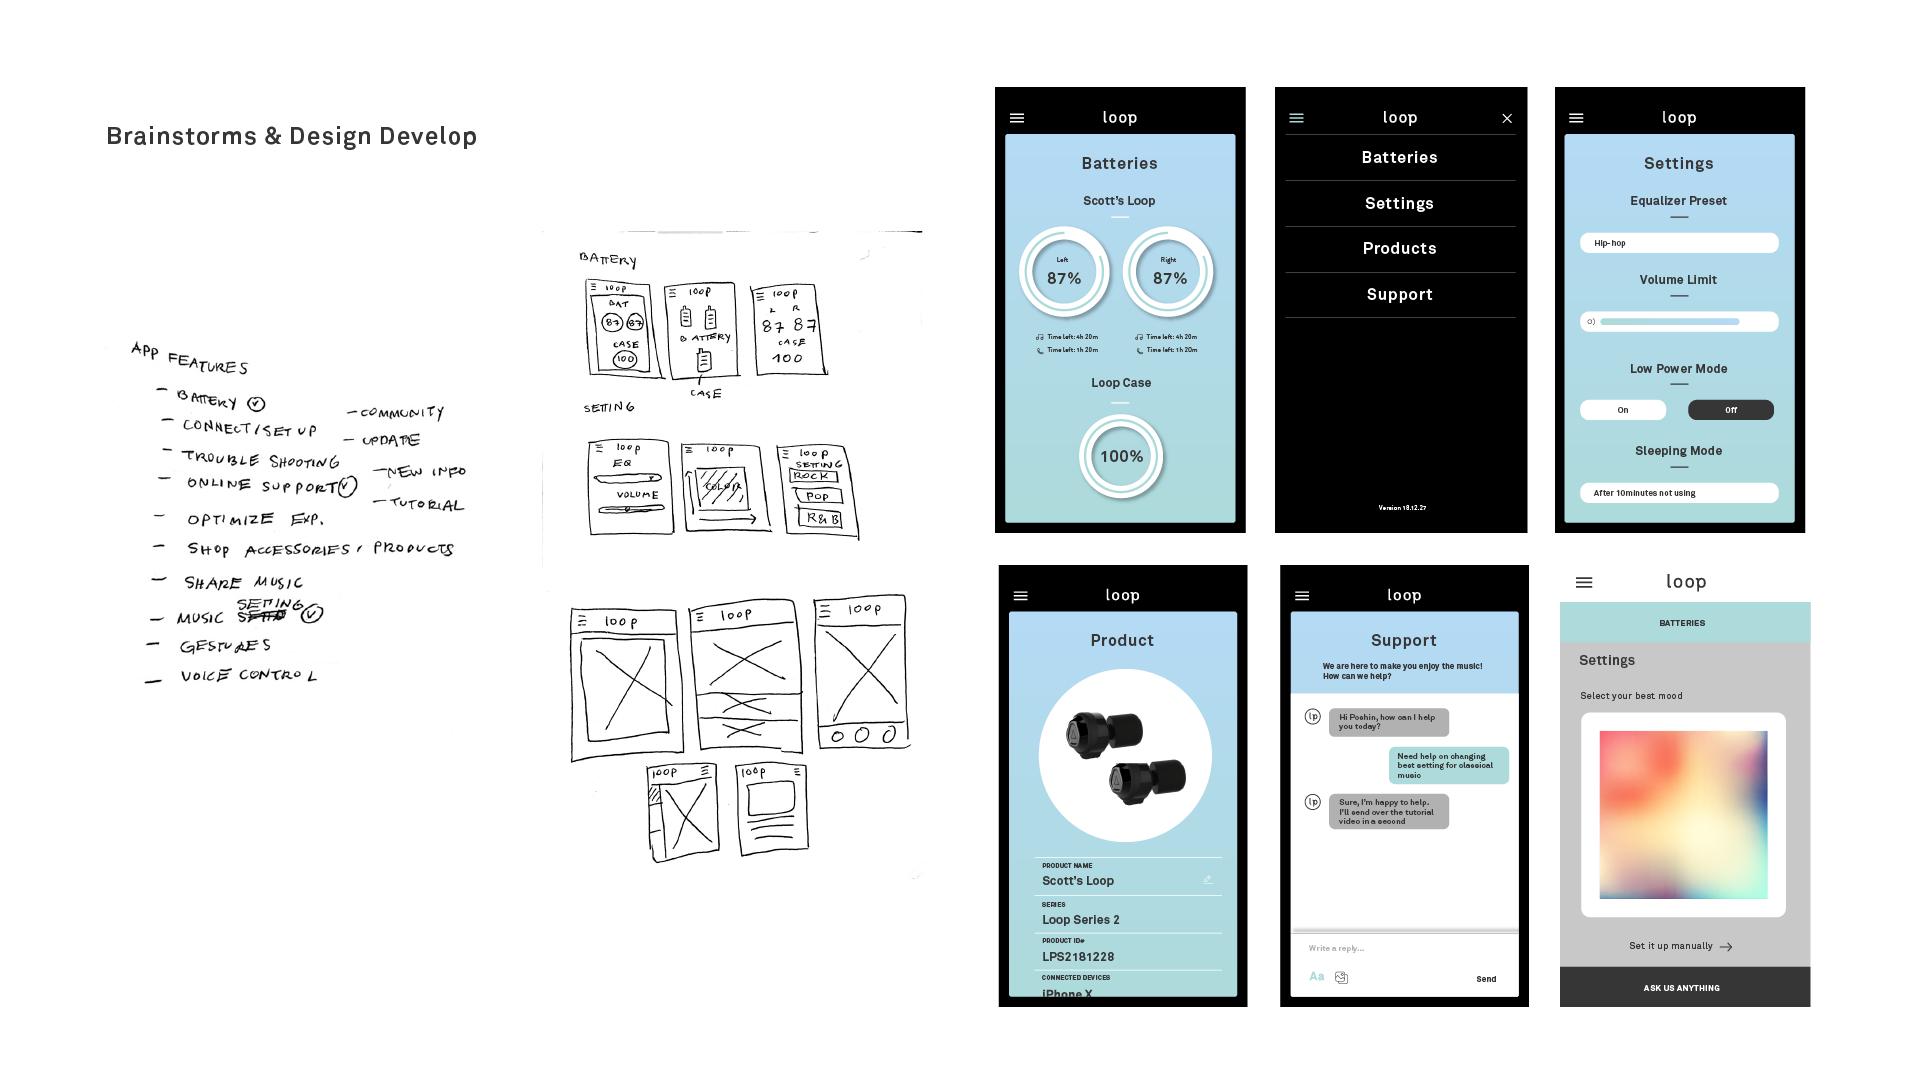 loop_webstie design-19.png